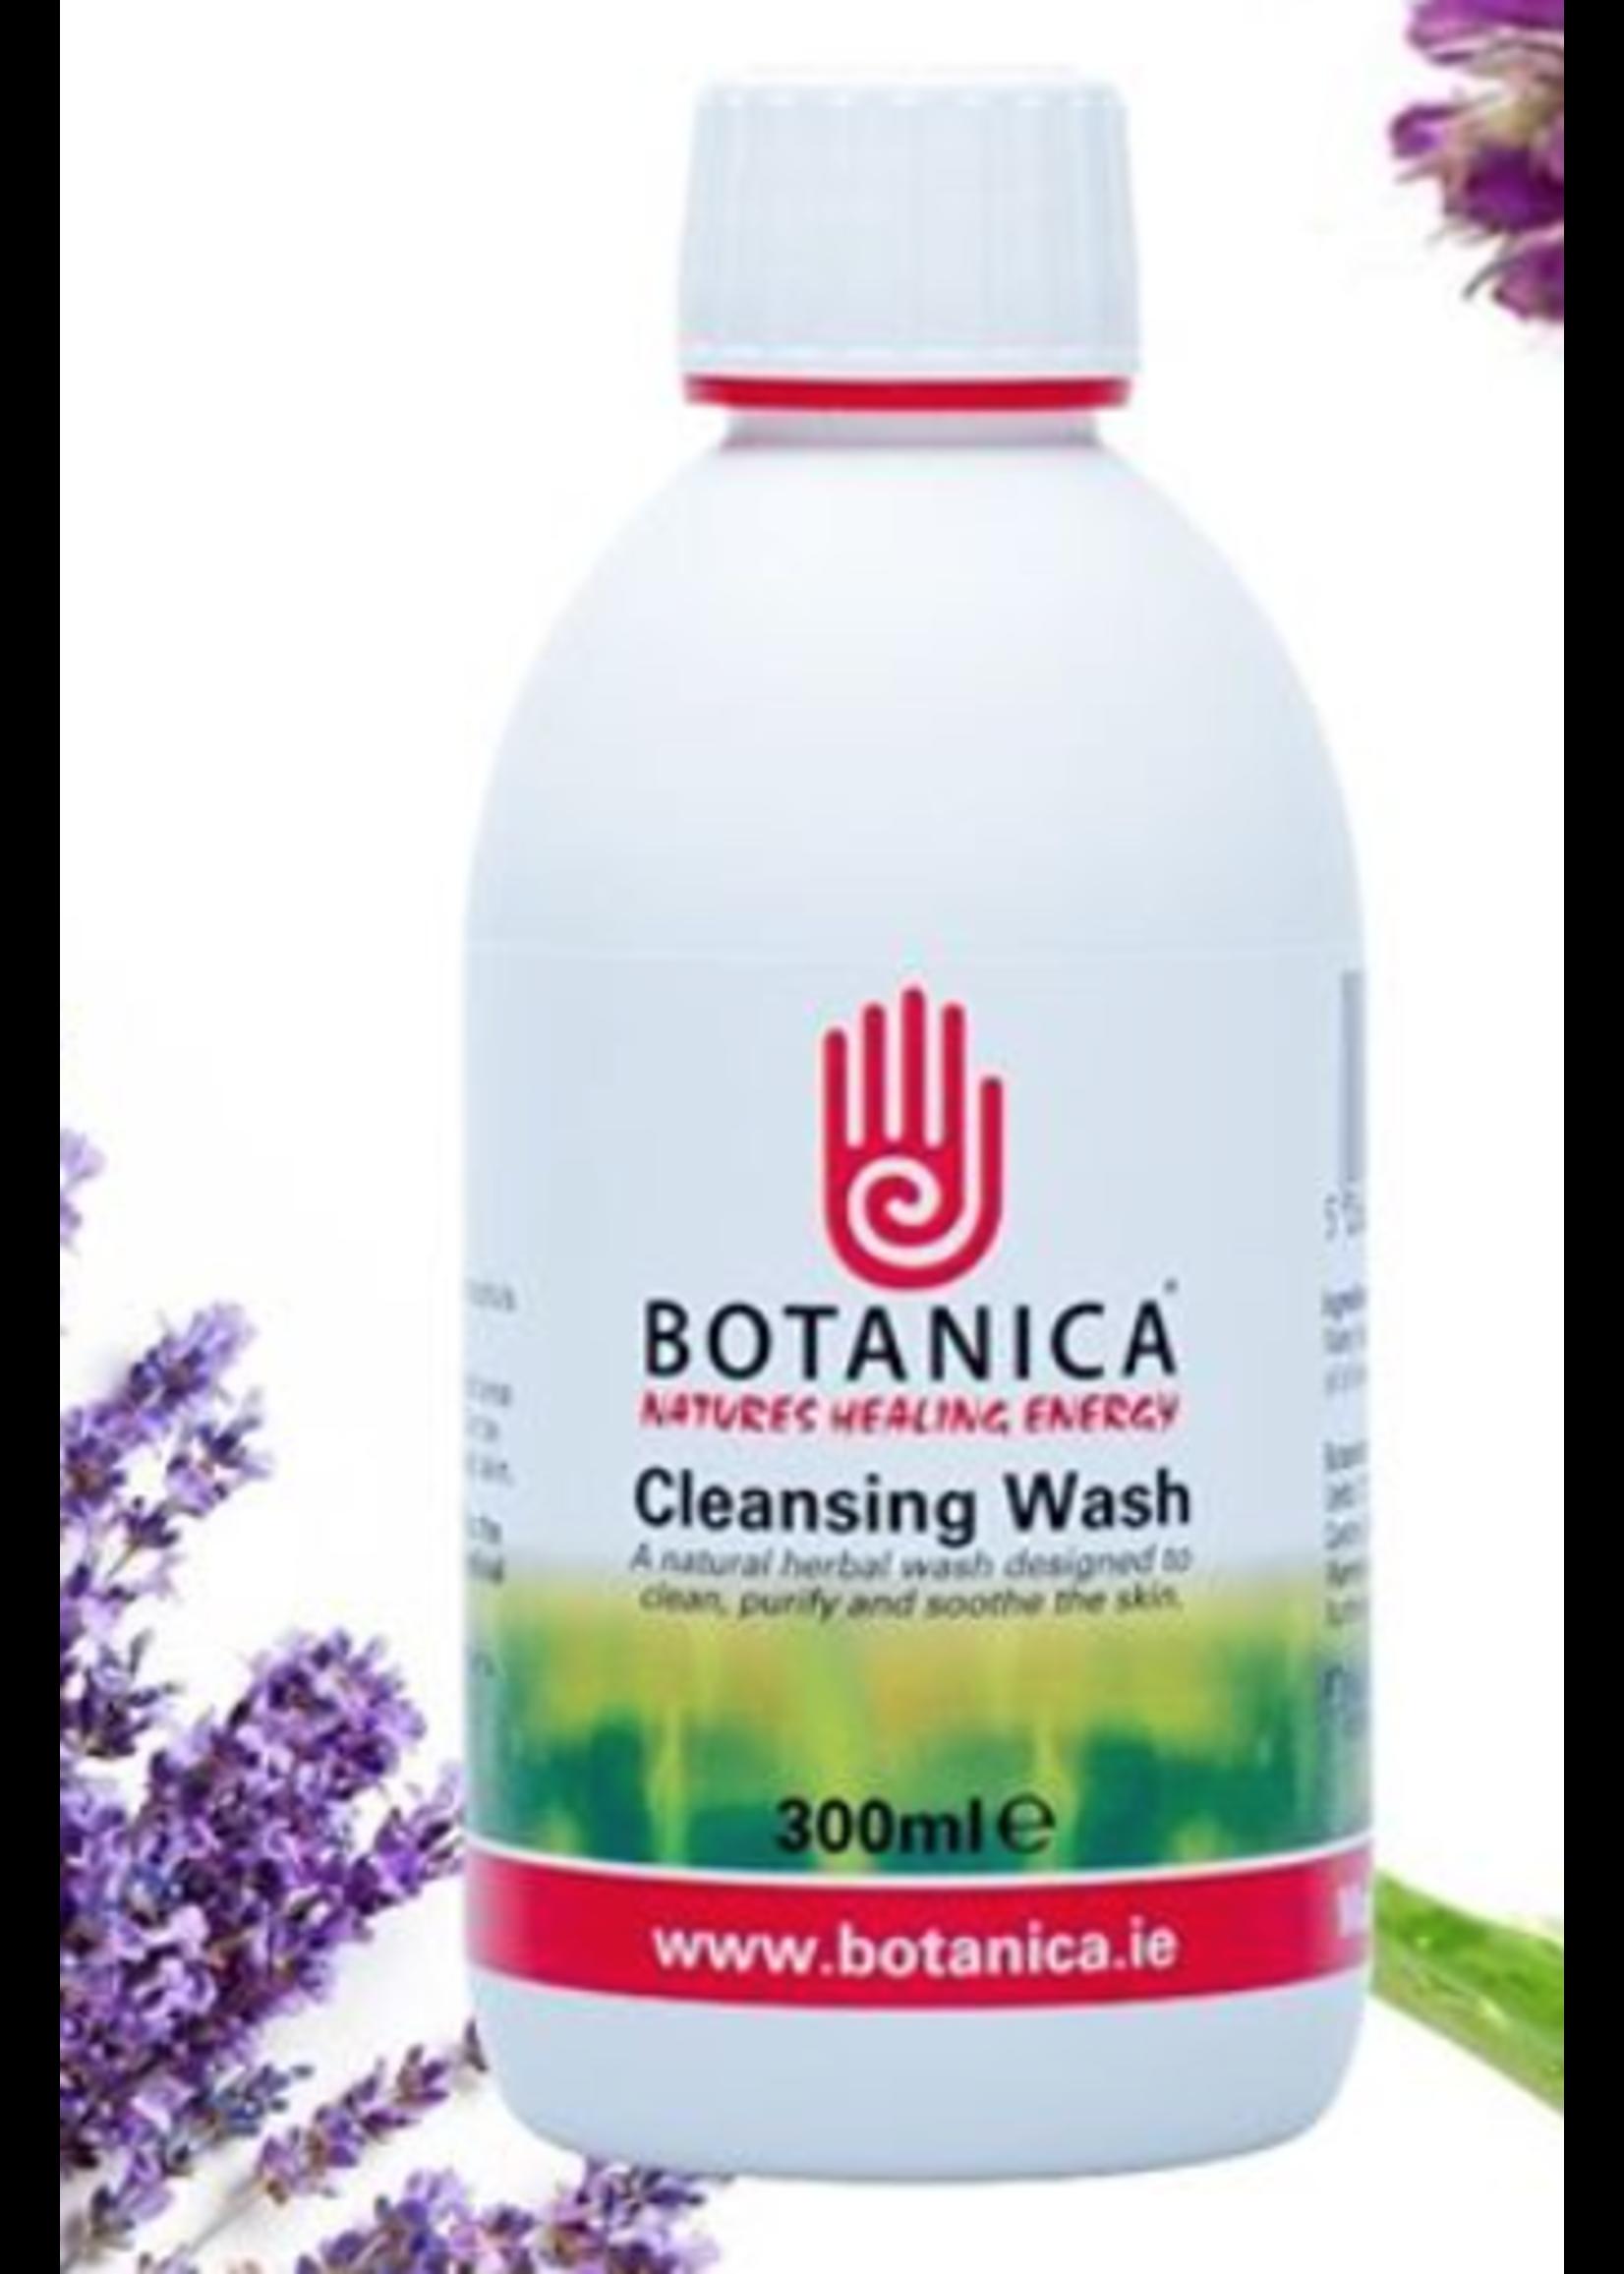 Botanica Botanica Cleansing Wash